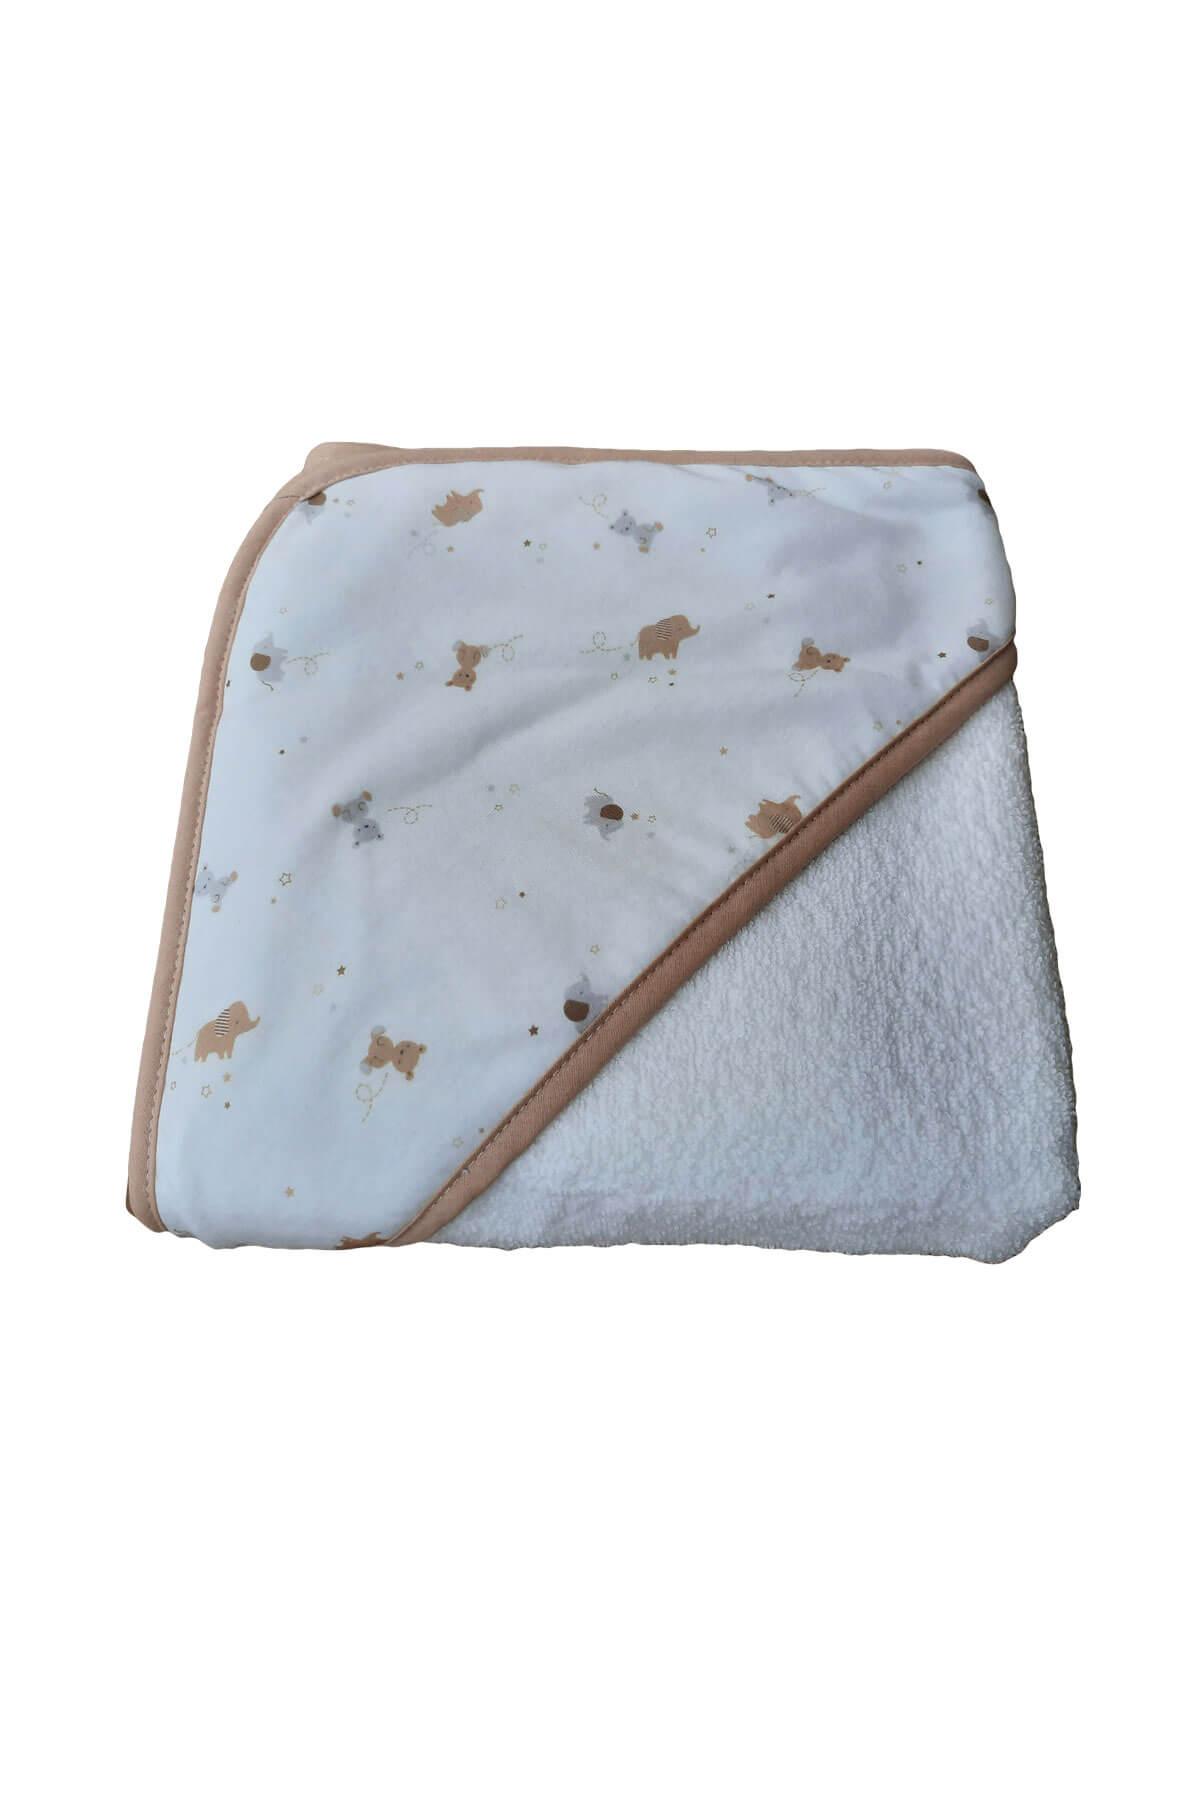 Bebek Kundak Banyo Havlusu Ayıcık Desenli Bebek Havlusu 75x75